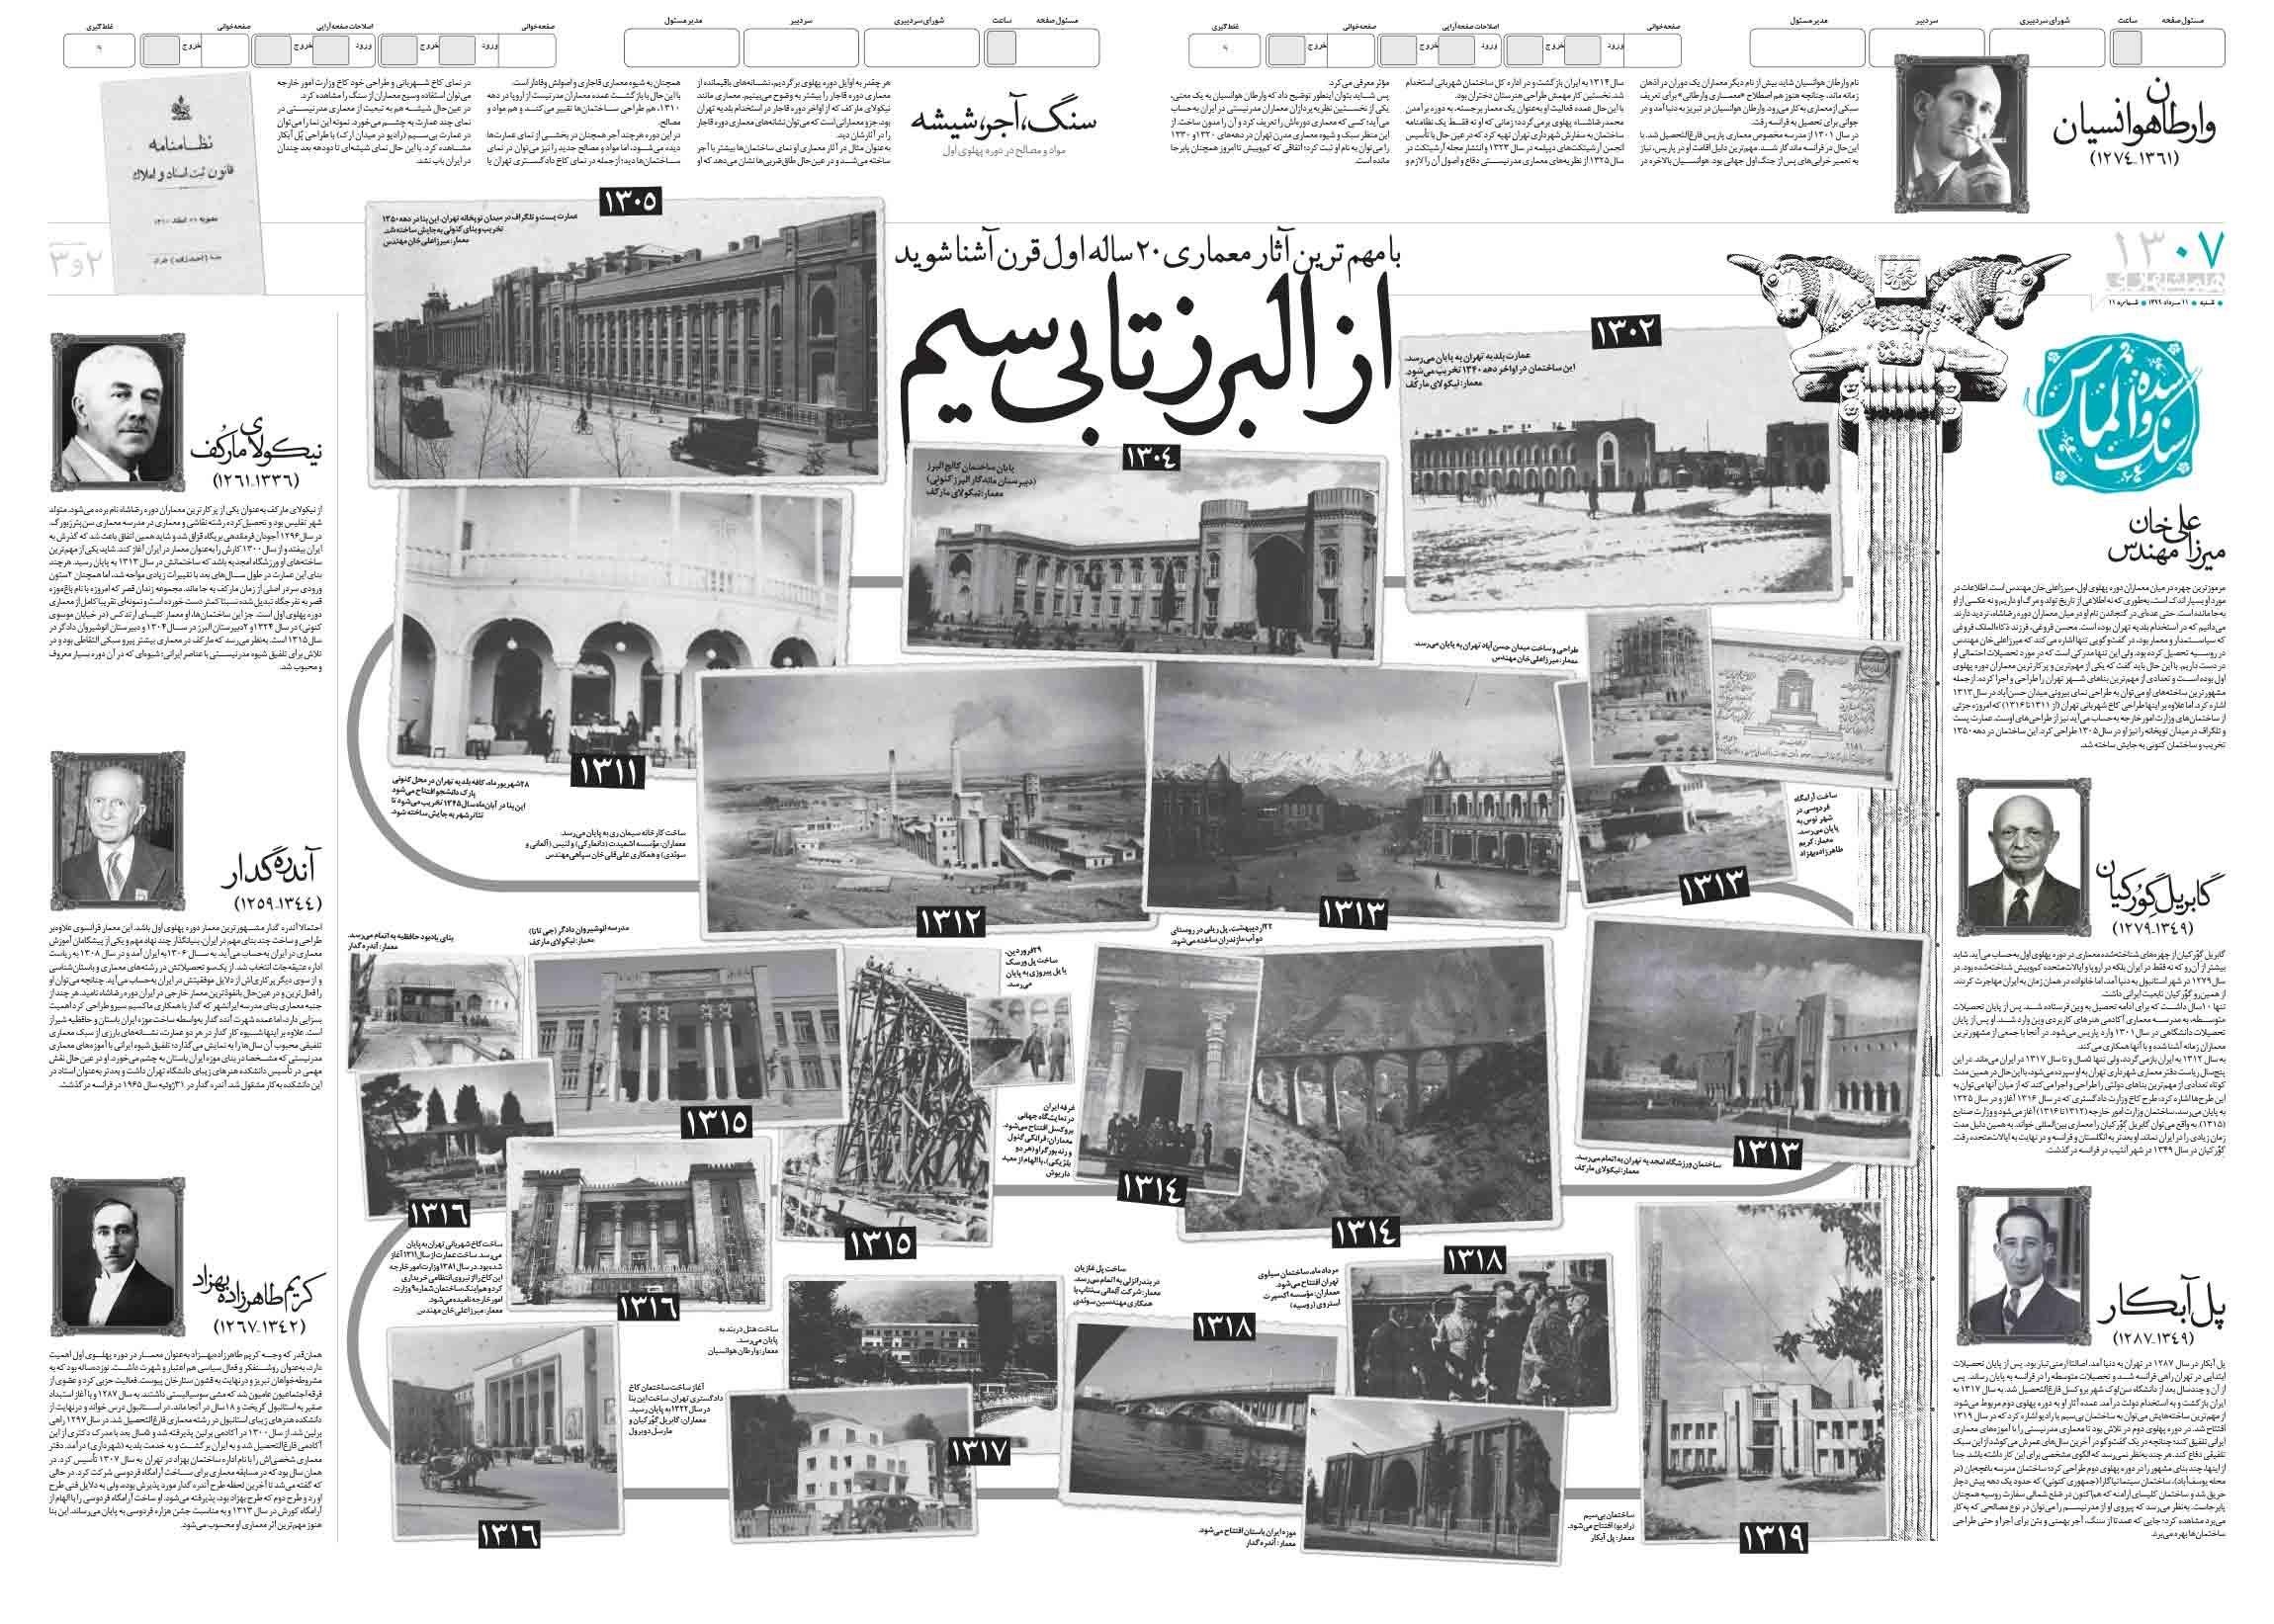 صفحات دوم و سوم قرن